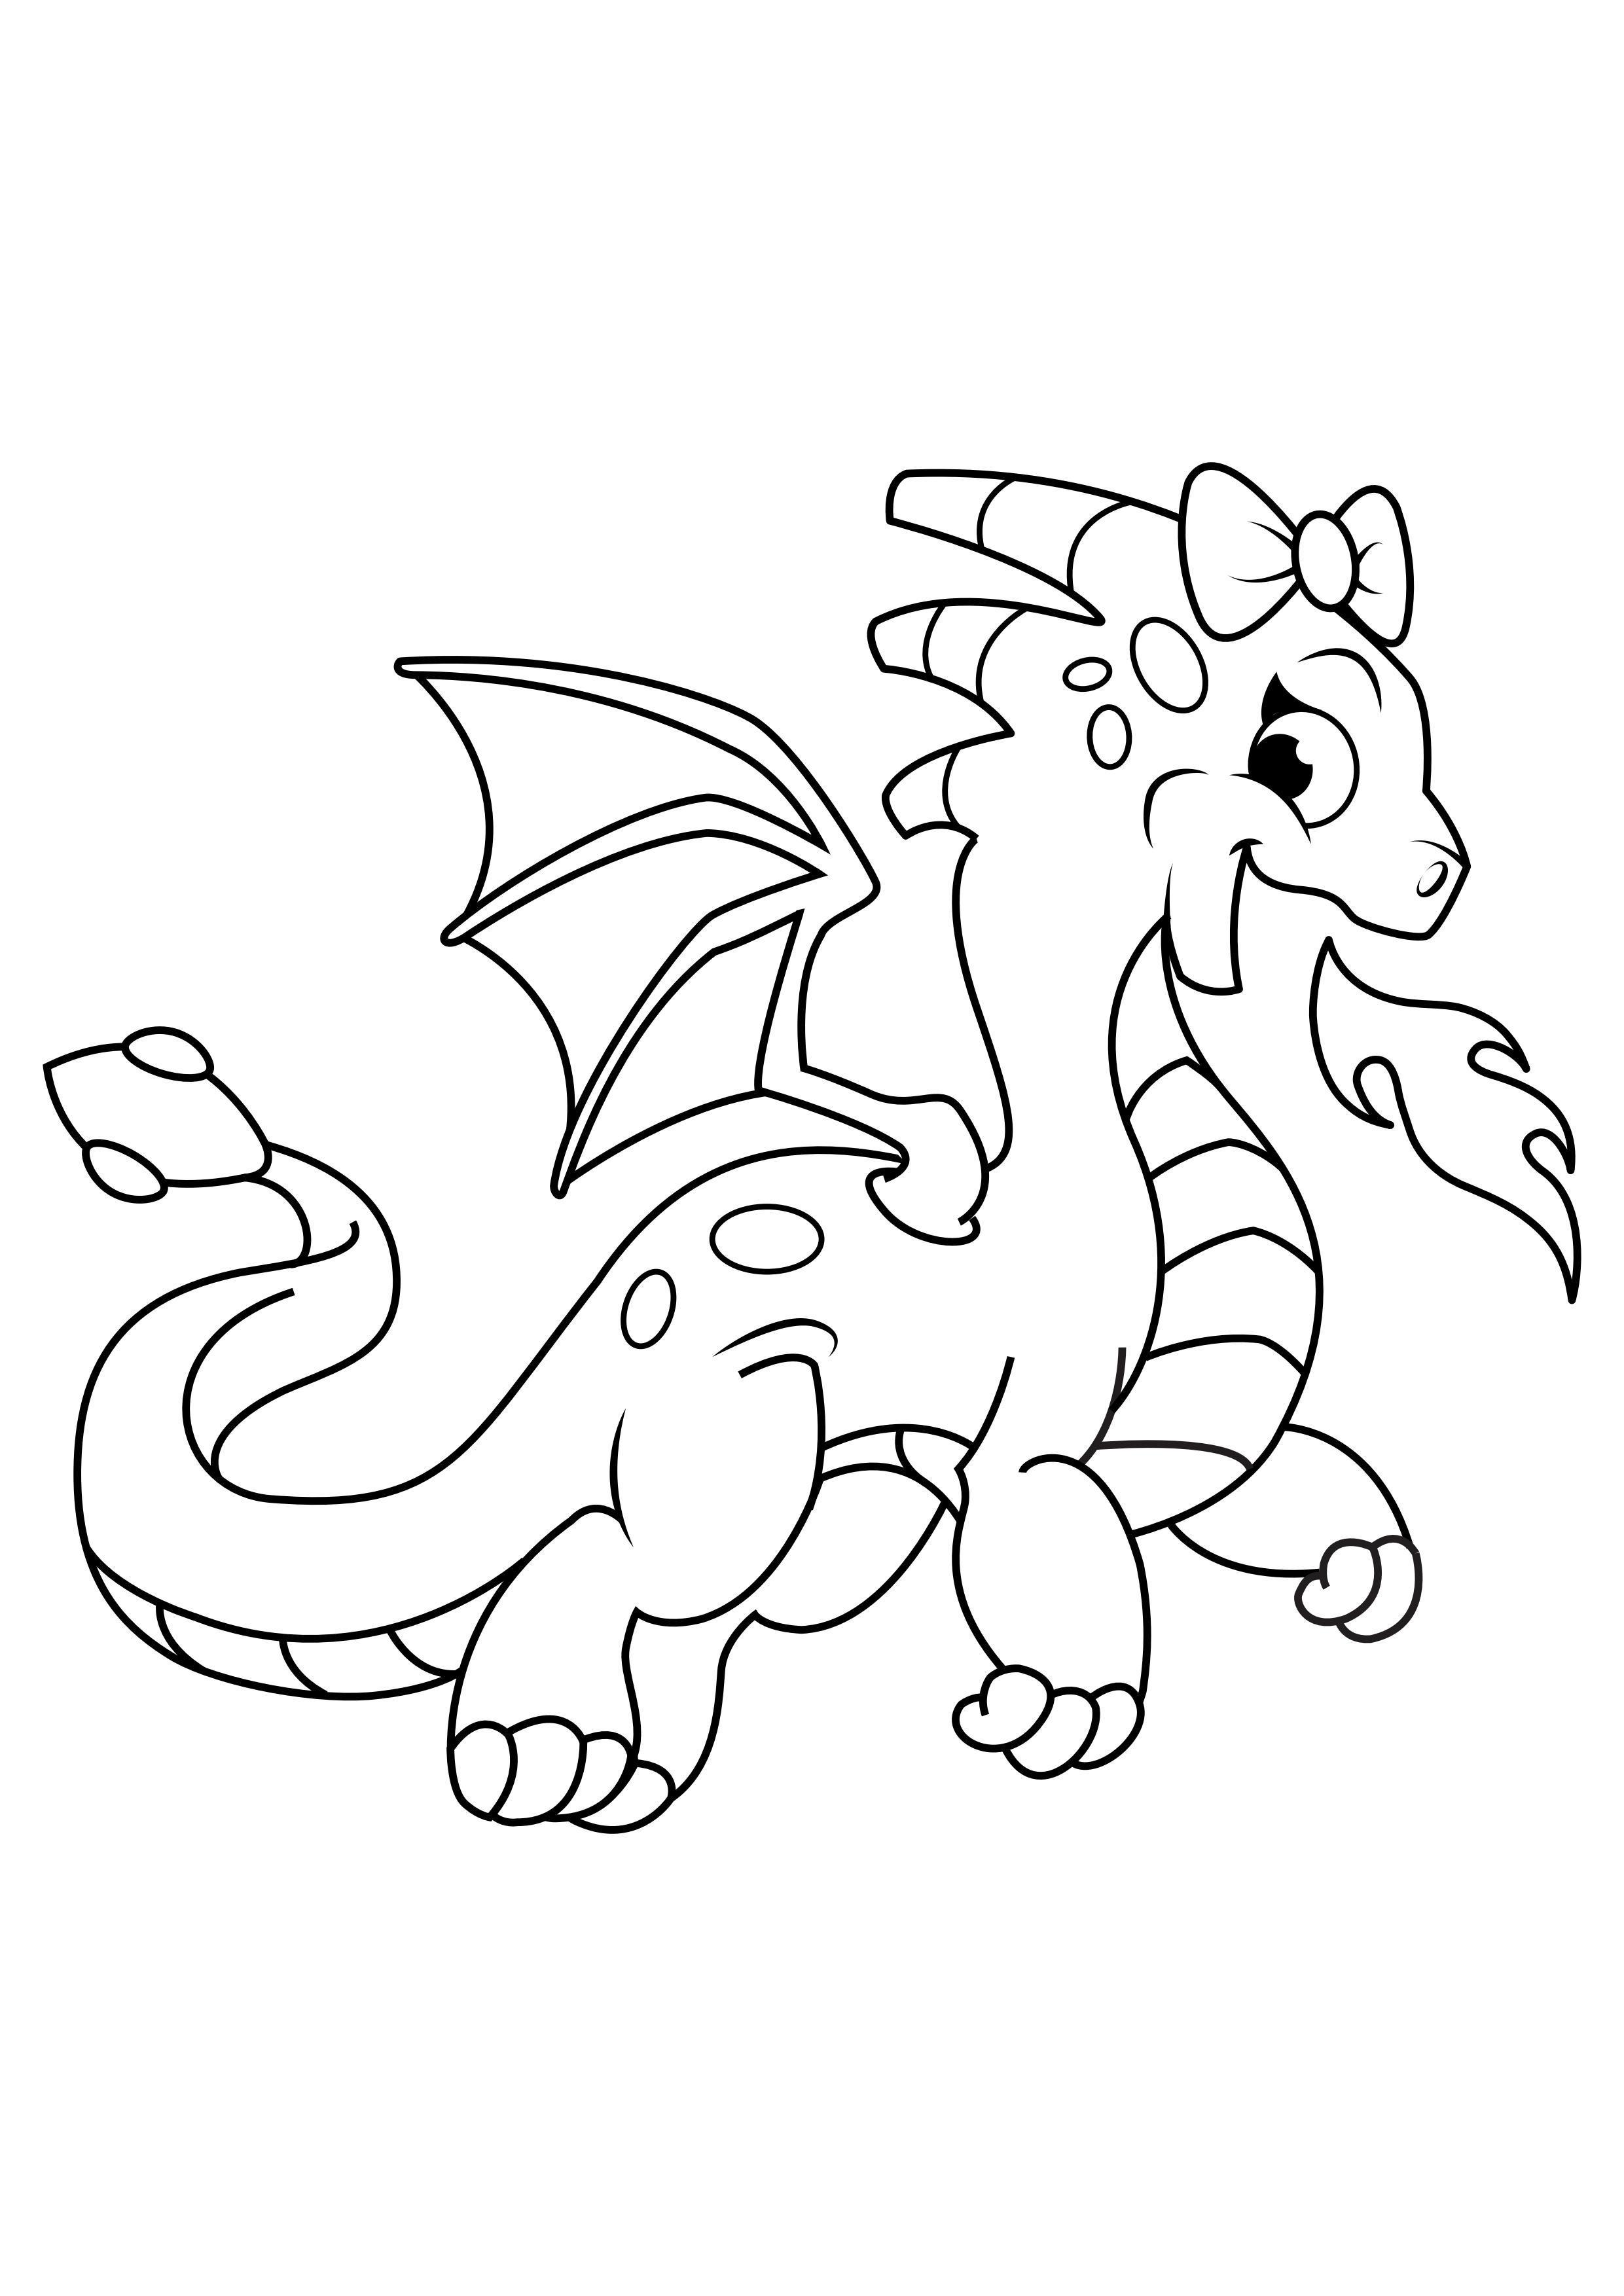 Disegno Da Colorare Ragazza Drago Sputa Fuoco Disegni Da Colorare E Stampare Gratis Imm 31048